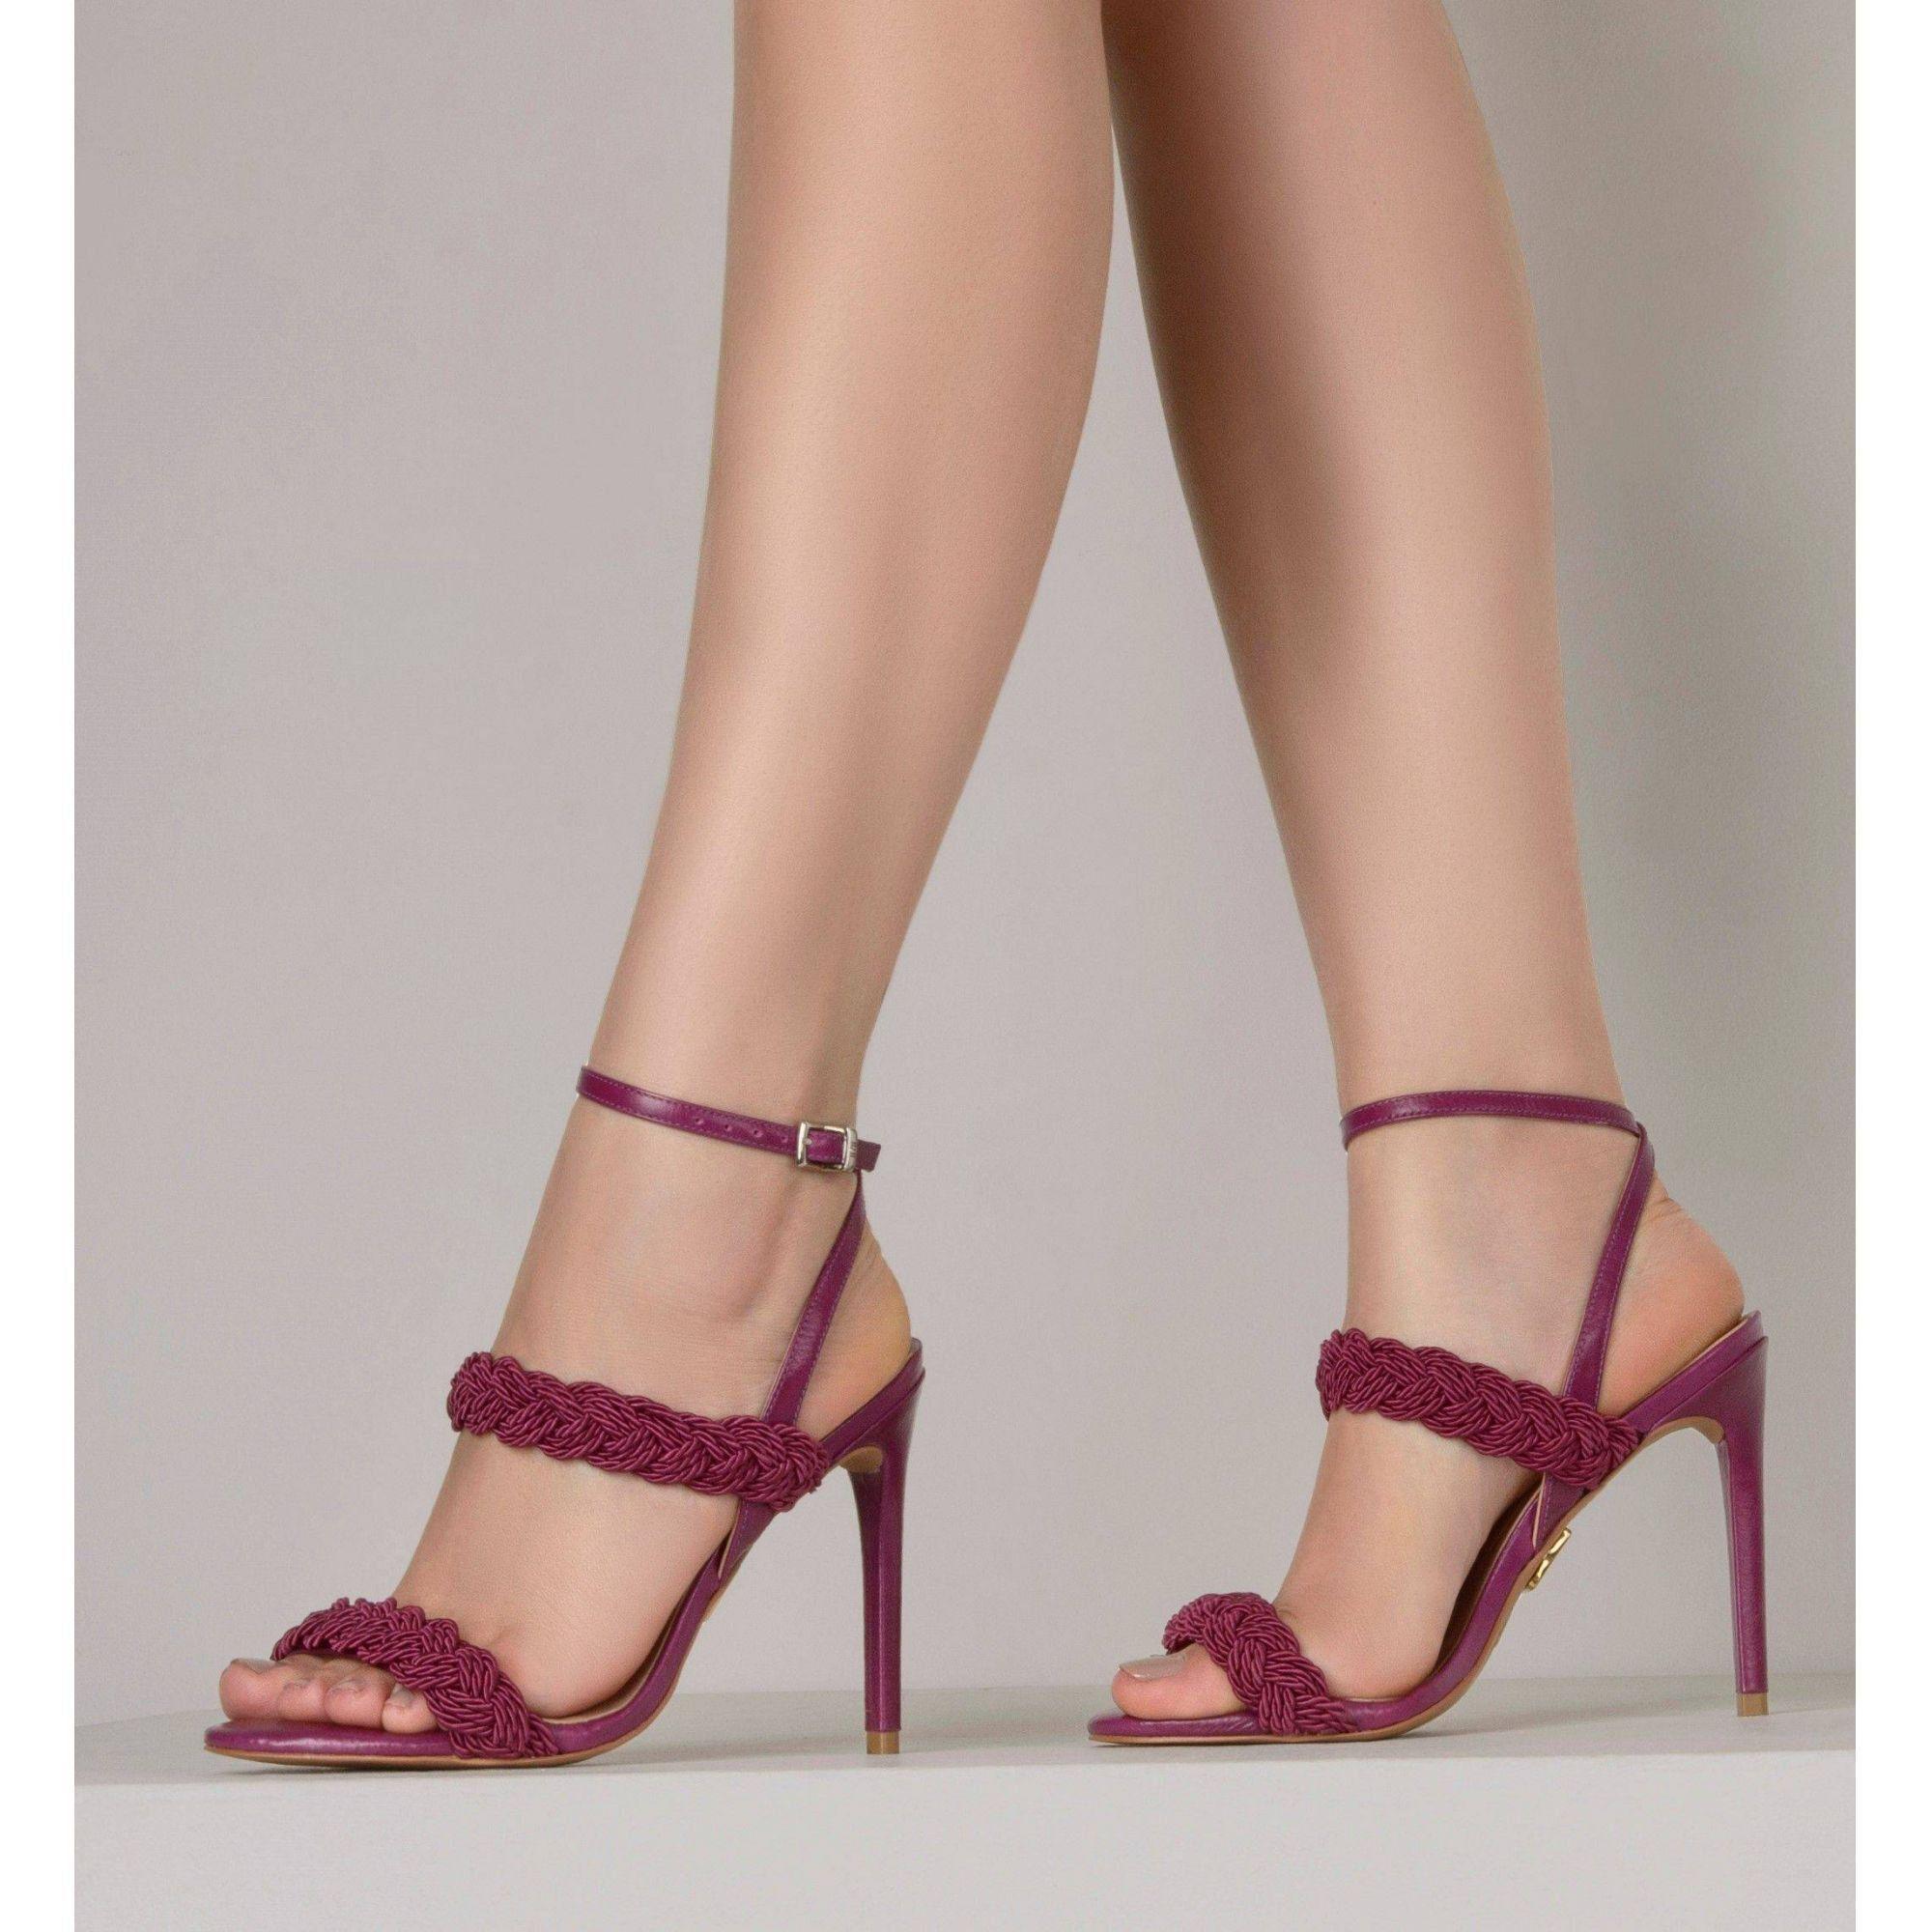 Sandália Salto Alto Cordão Berry